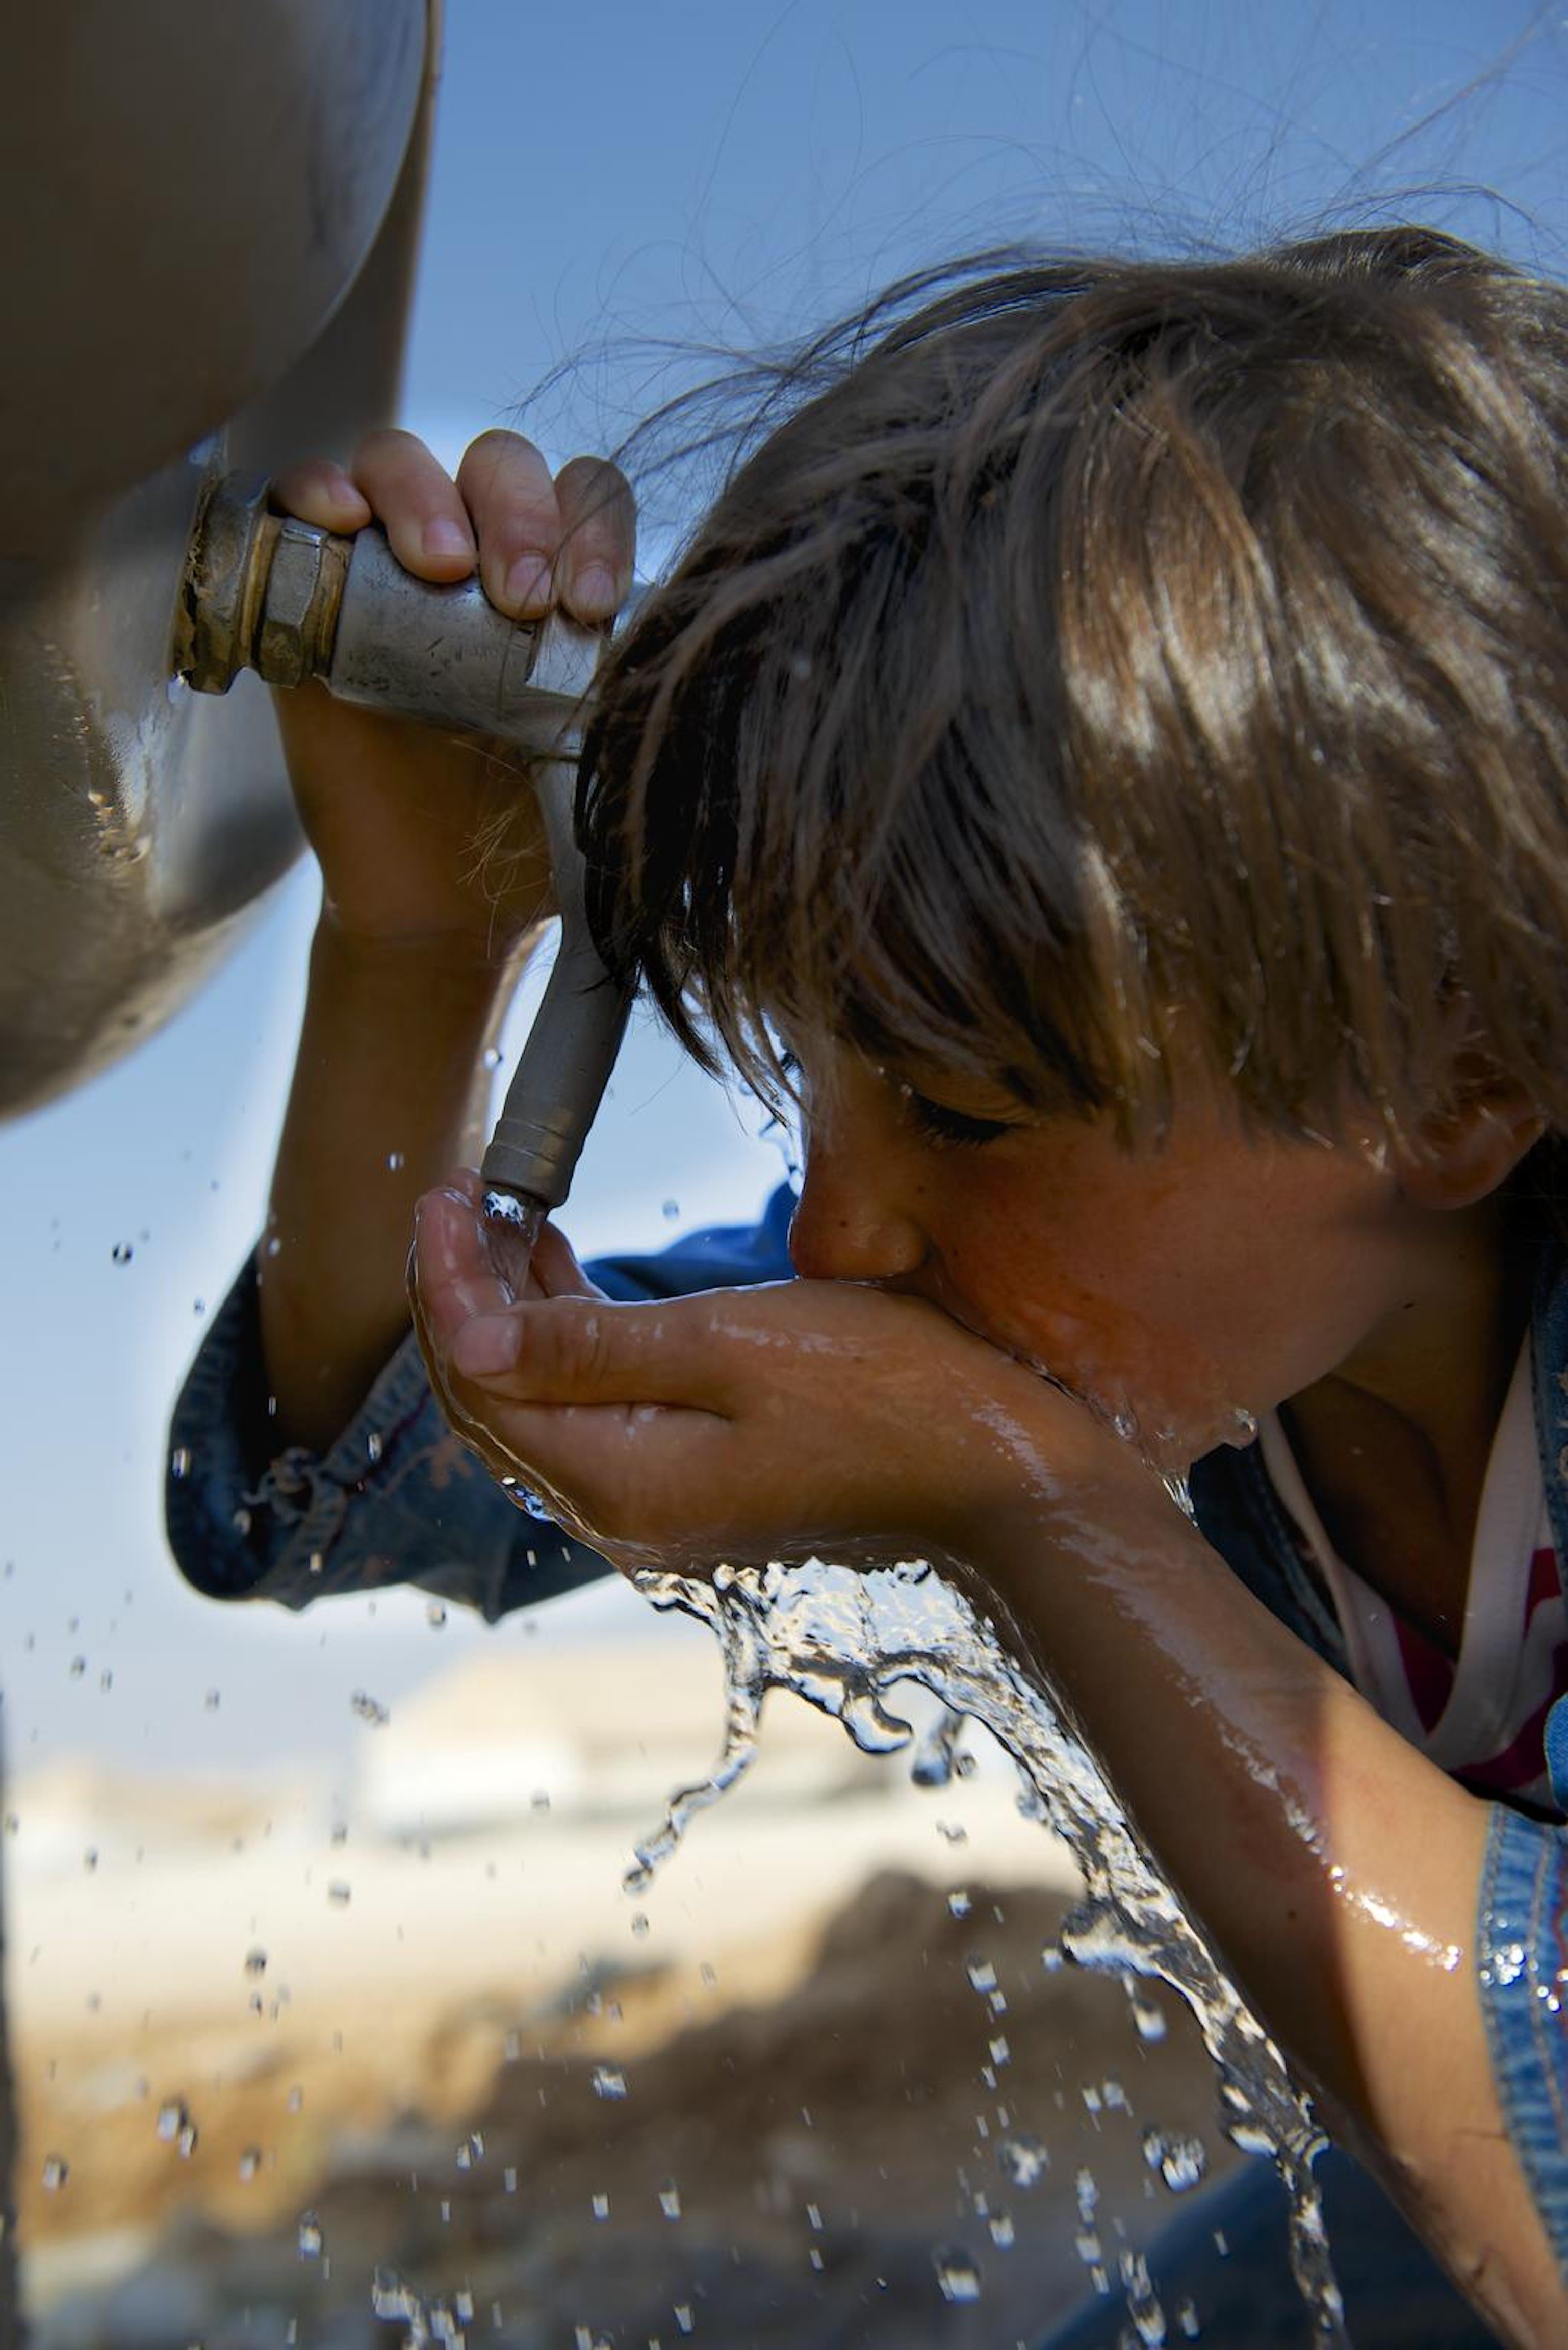 Una bambina siriana si disseta da una cisterna installata dall'UNICEF nel campo profughi di Za'atari, in Giordania - ©UNICEF/NYHQ2013-0667/Noorani